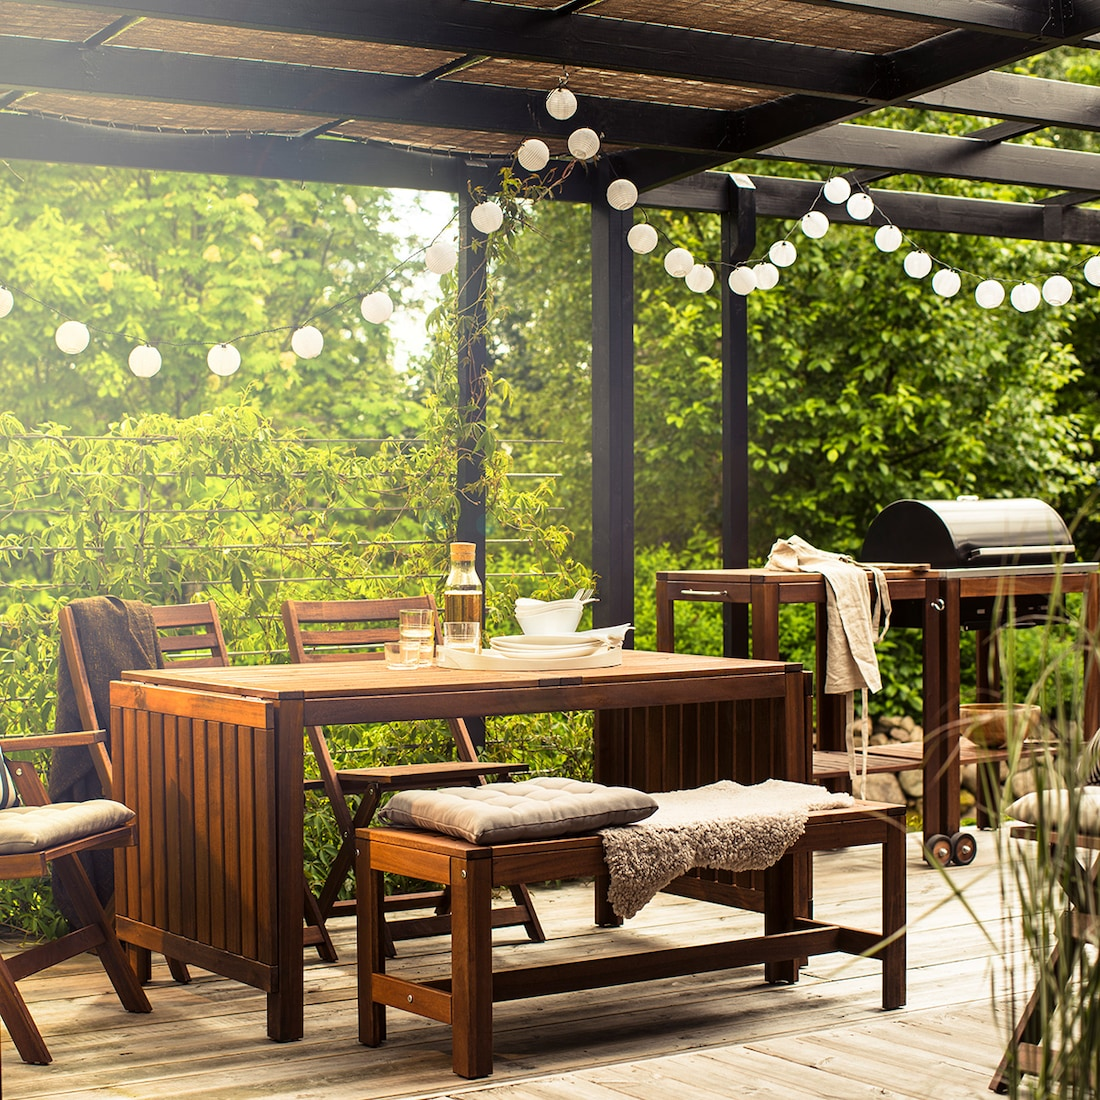 Idee per l'arredamento per il giardino - IKEA - IKEA Svizzera